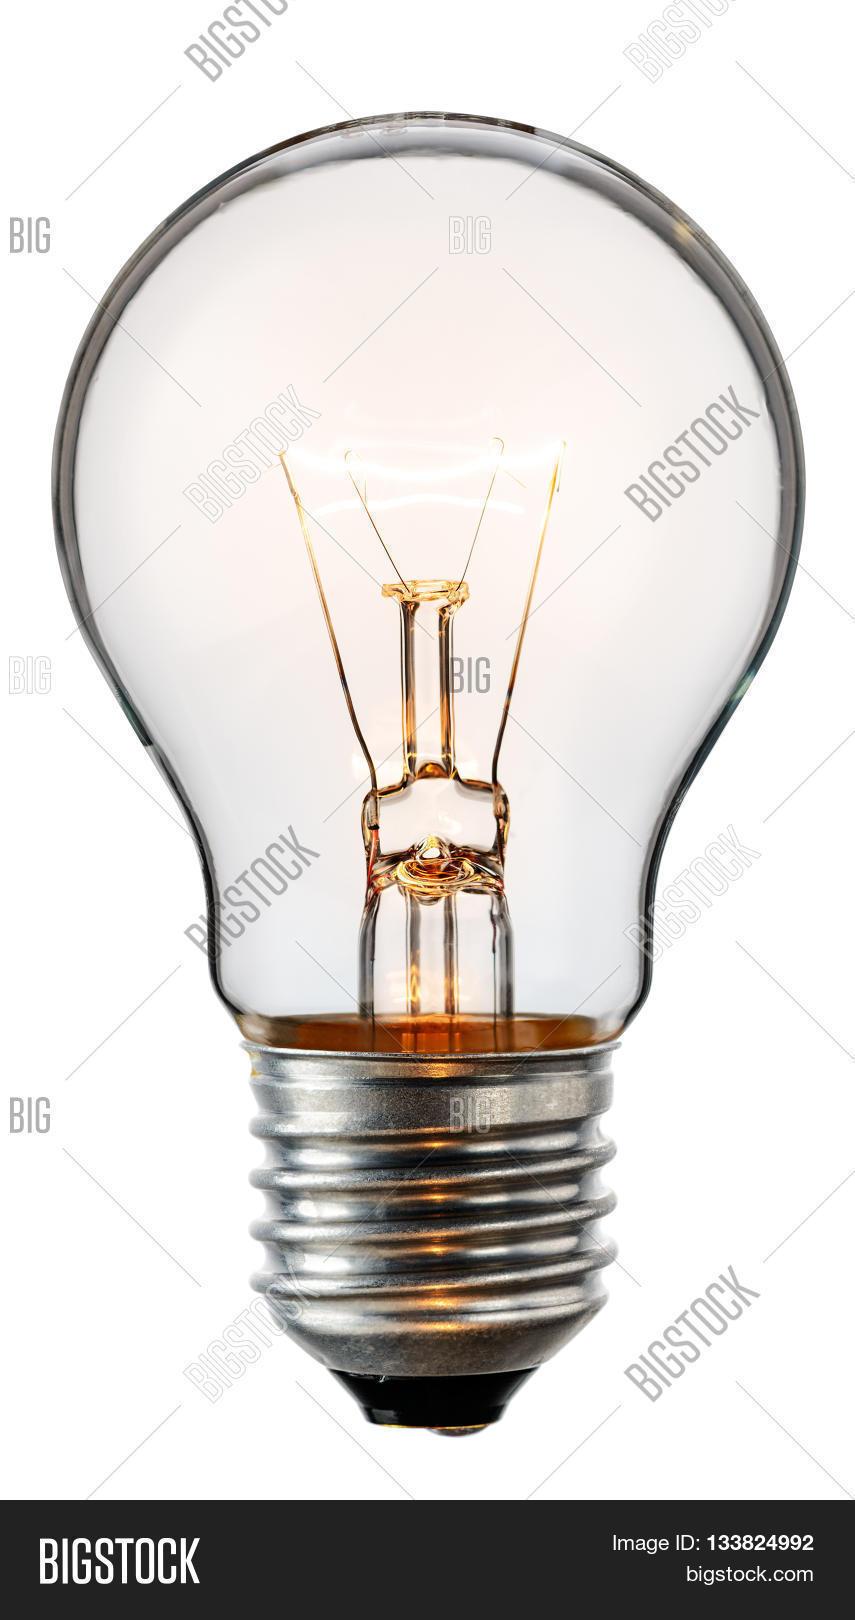 Teknik bulb pada fotografi 38